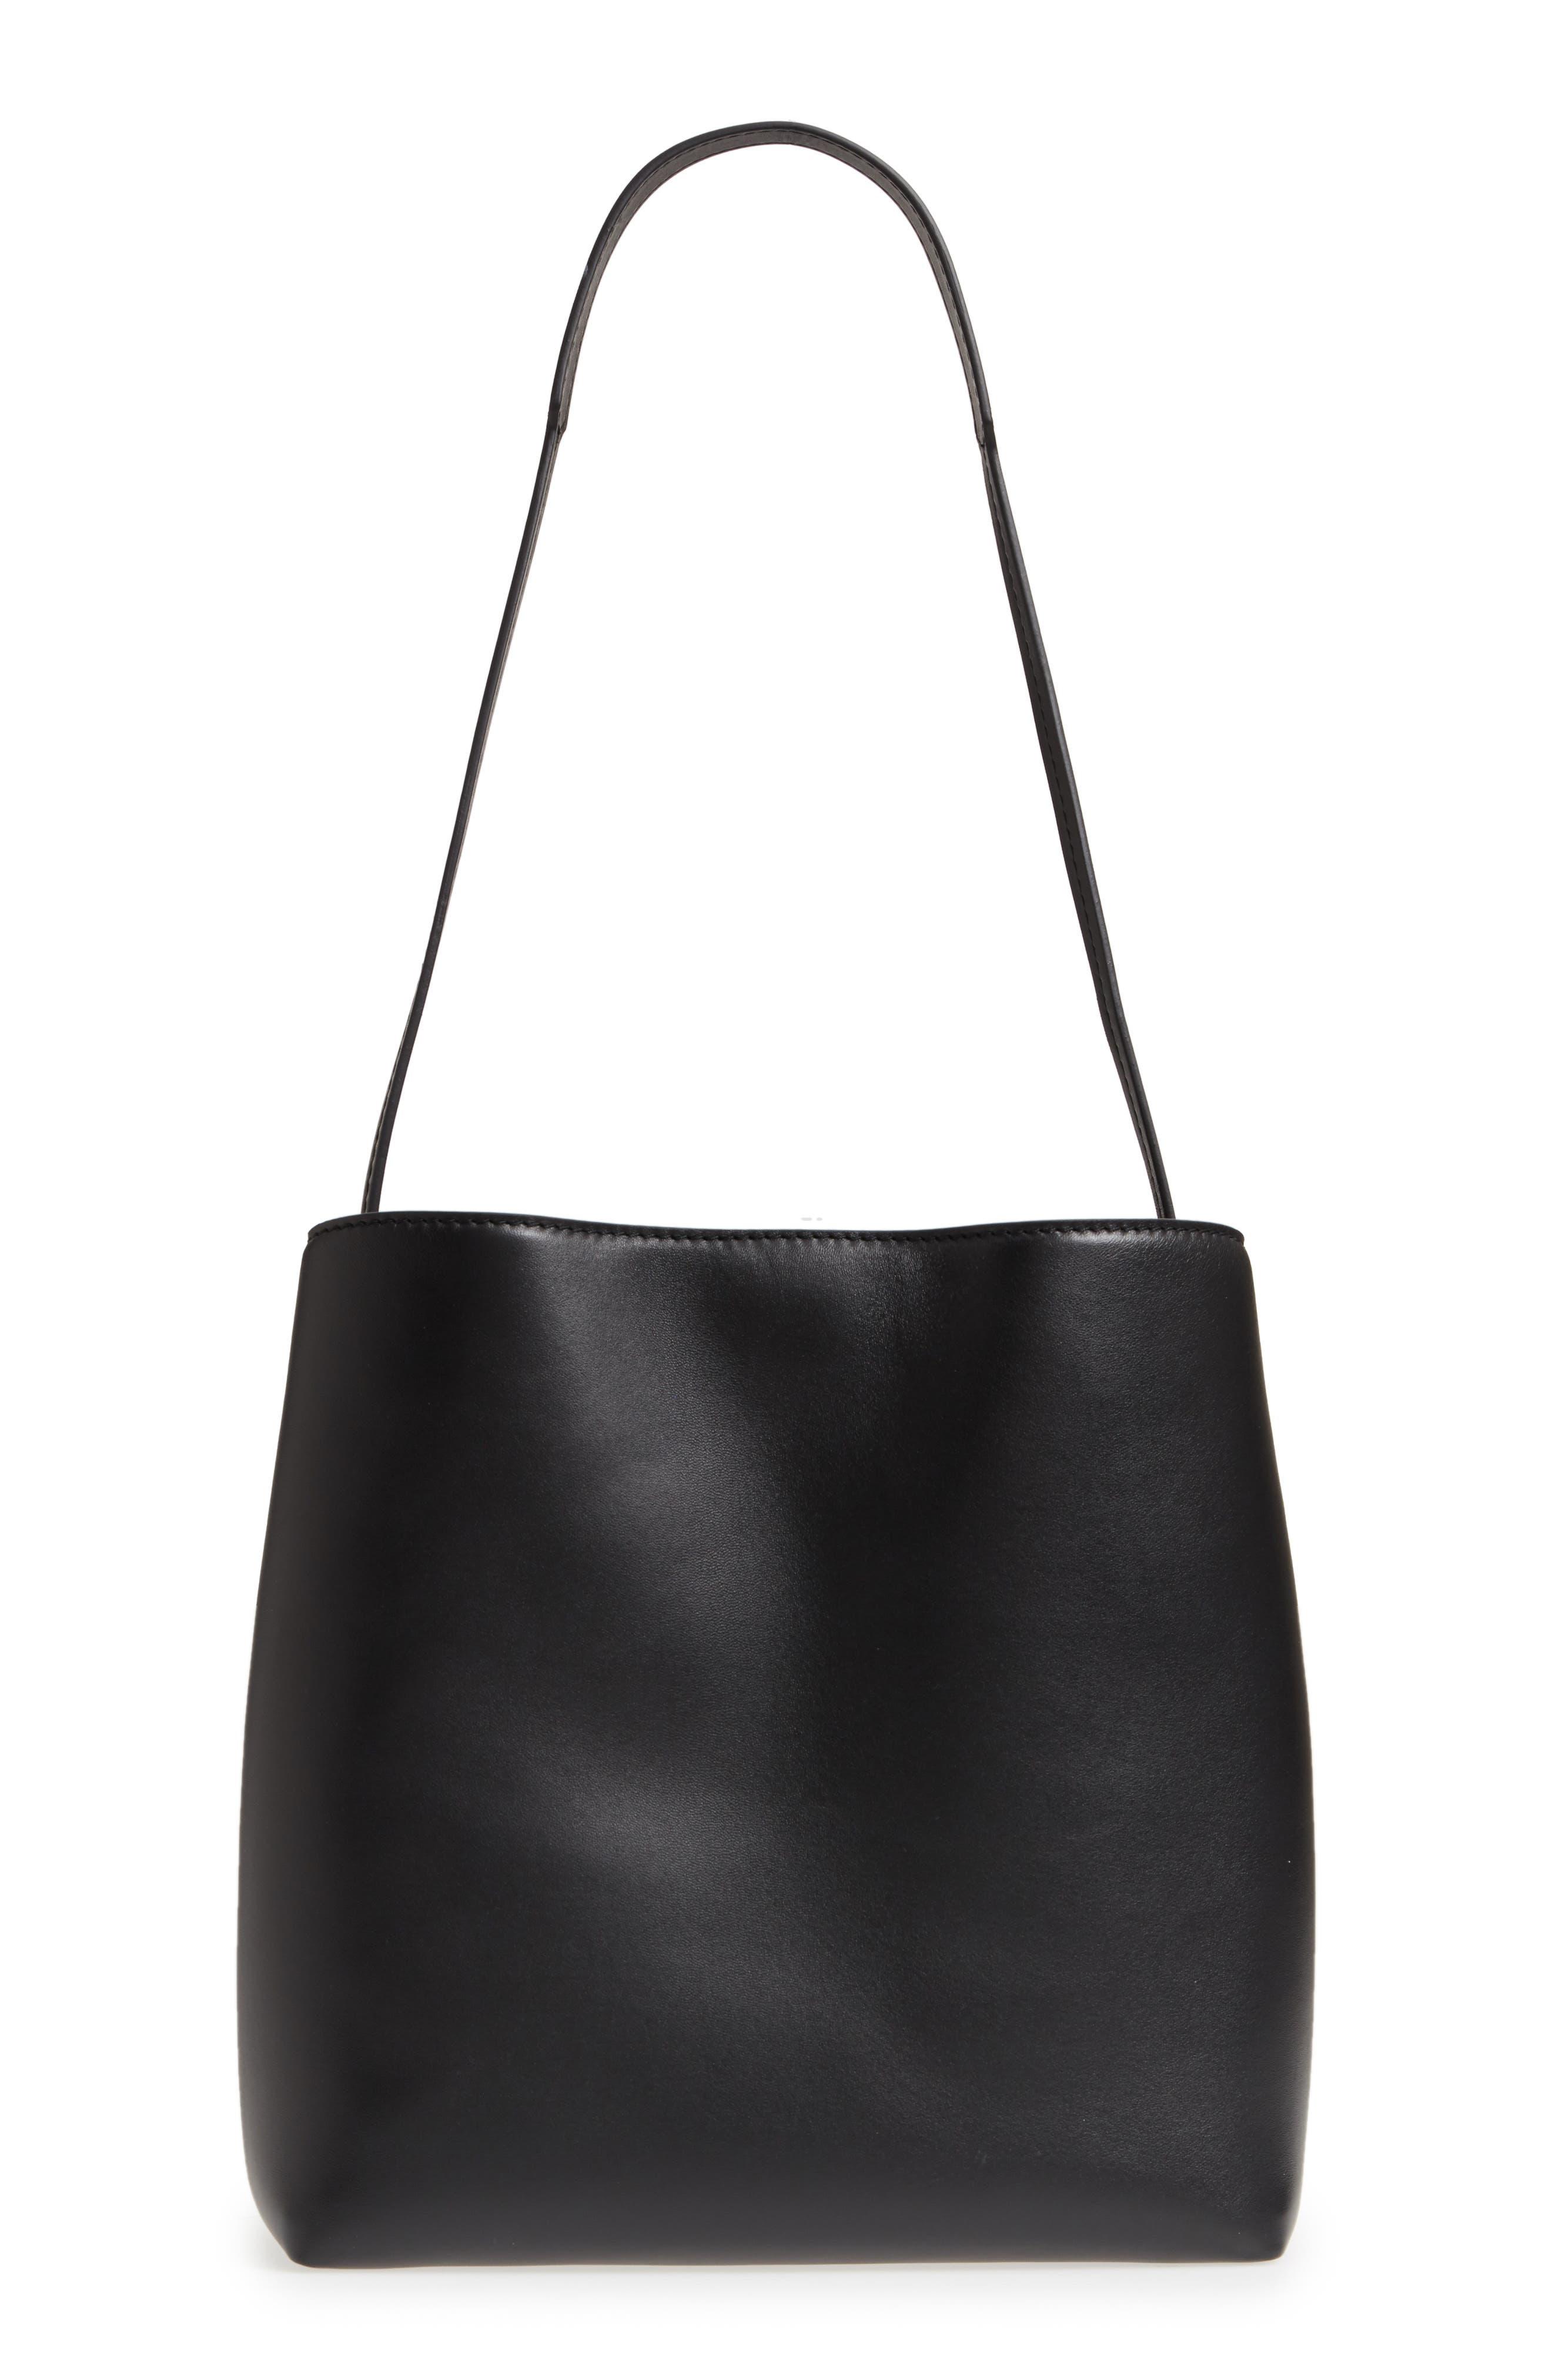 Frame Leather Shoulder Bag,                             Alternate thumbnail 3, color,                             BLACK/ BLACK